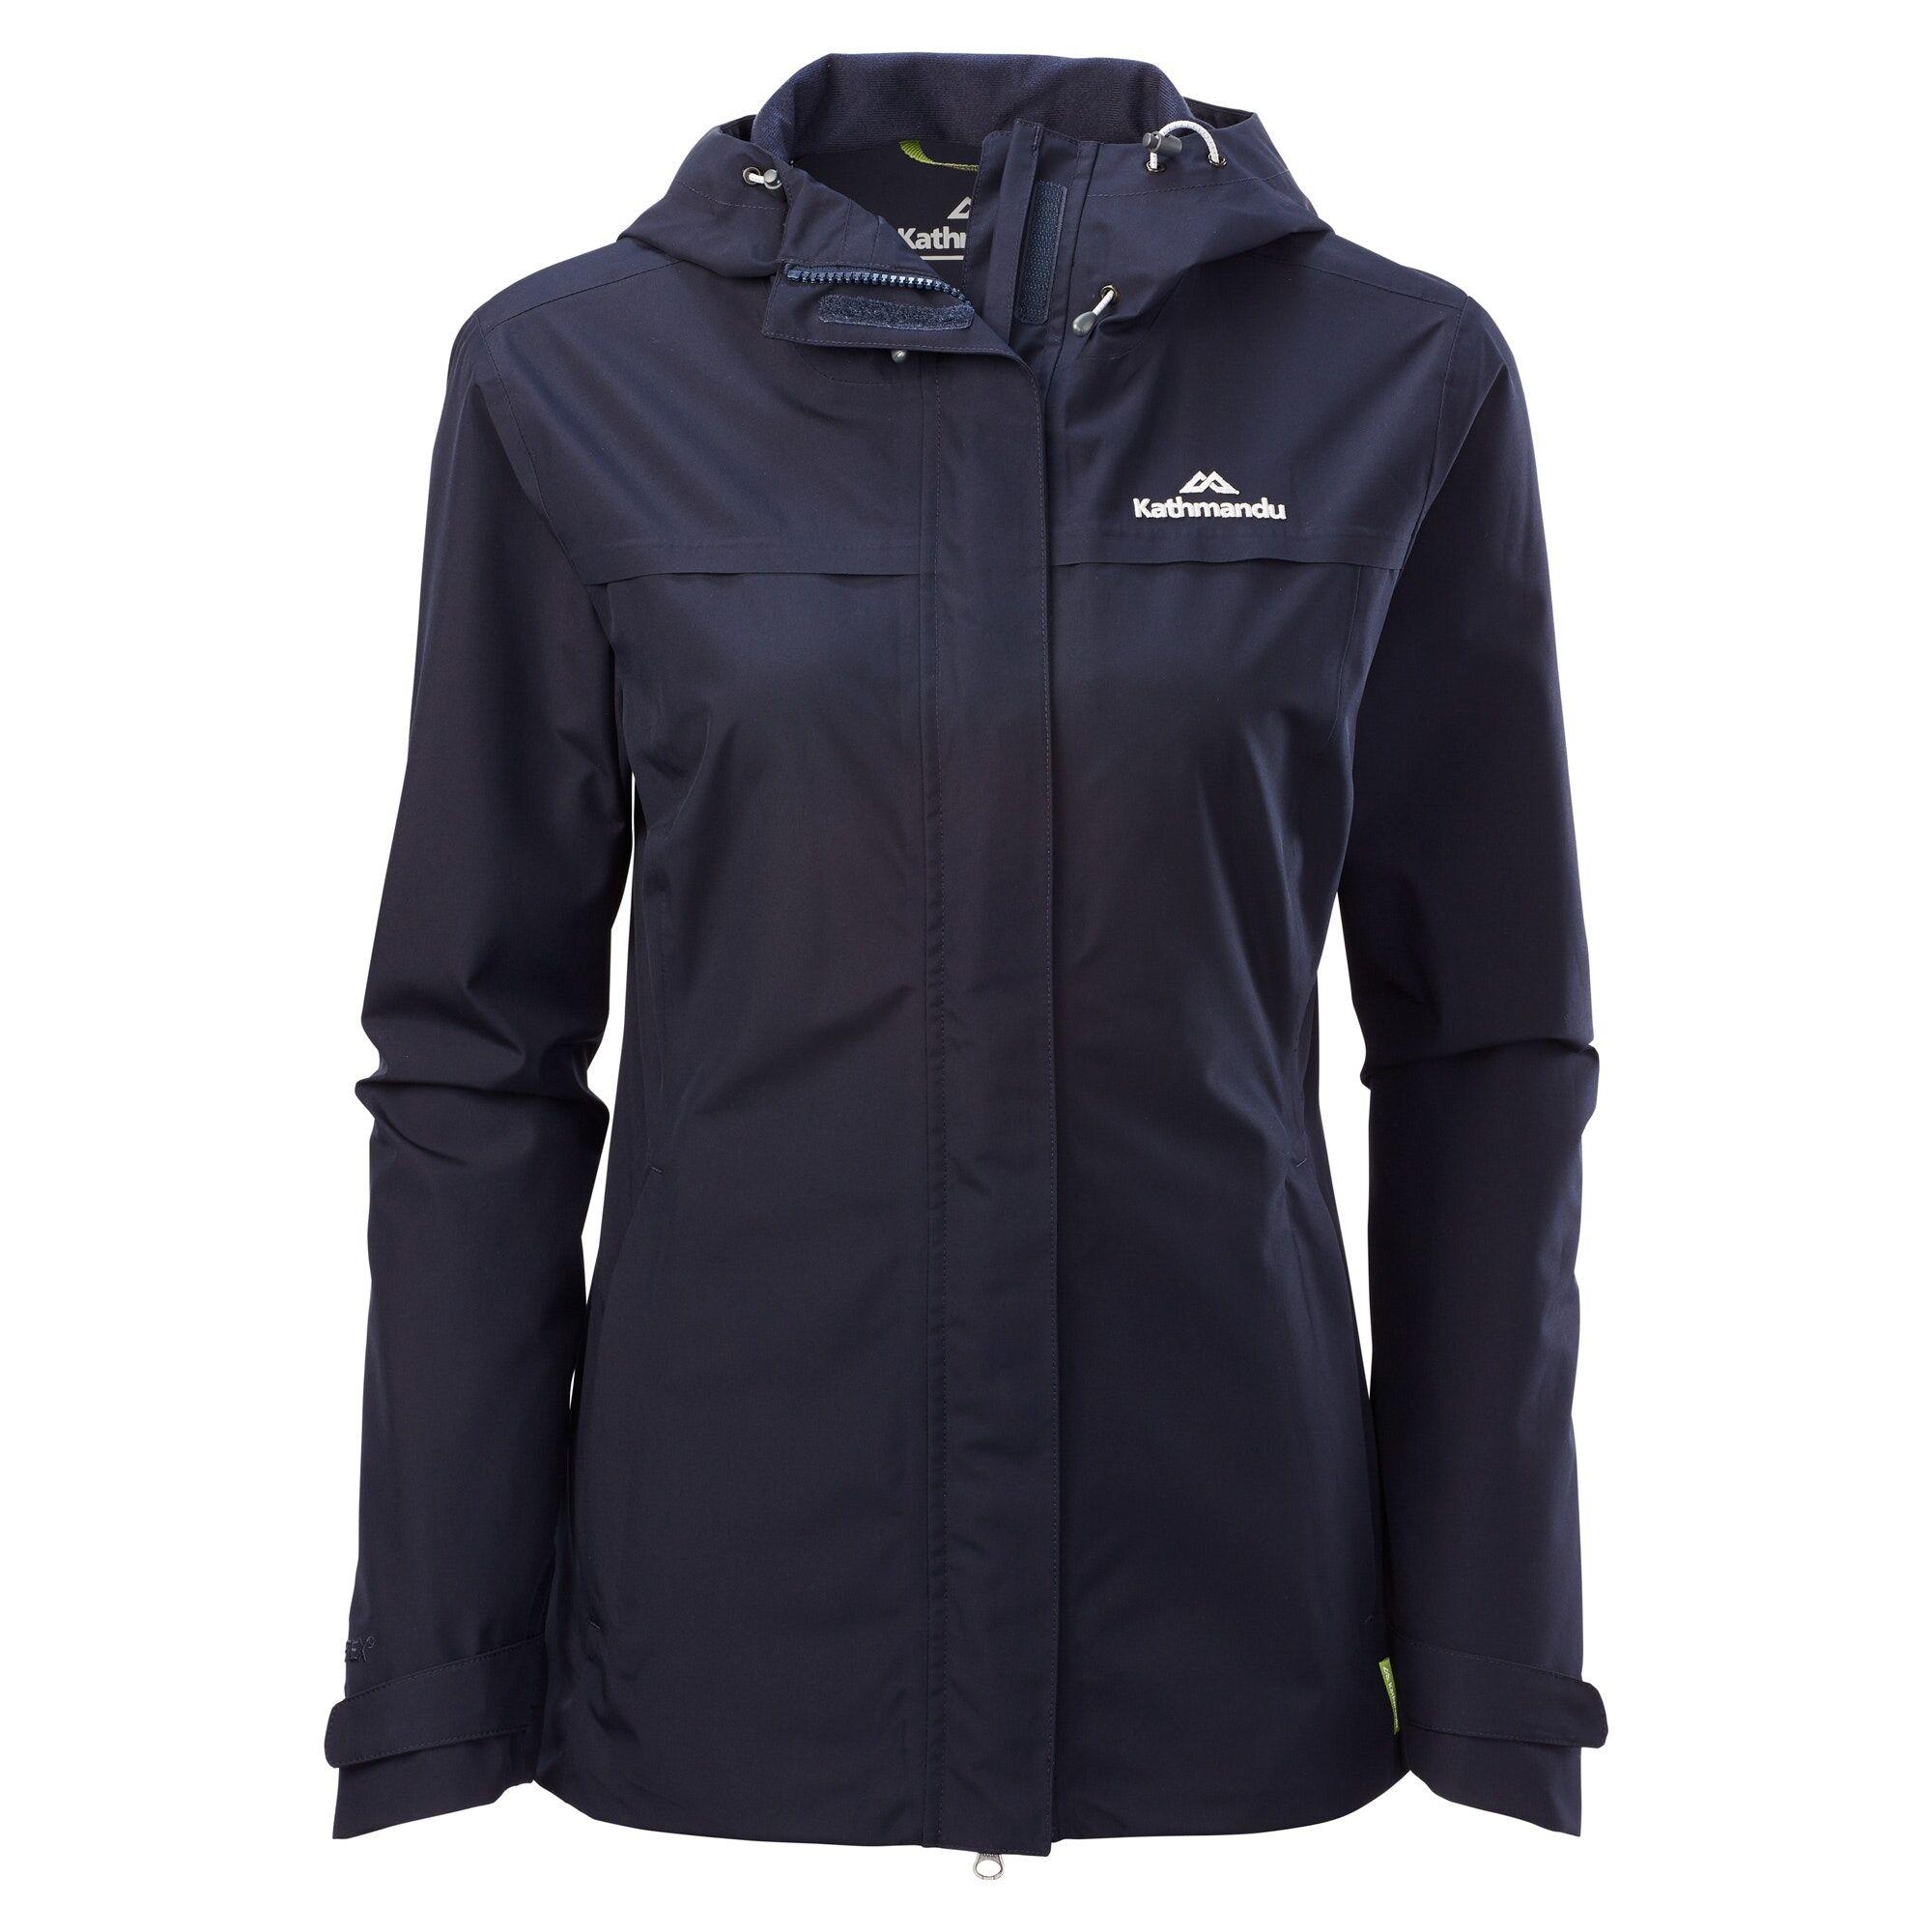 Kathmandu Bealey Women's GORE-TEX Jacket  - Midnight Navy - Size: US 12